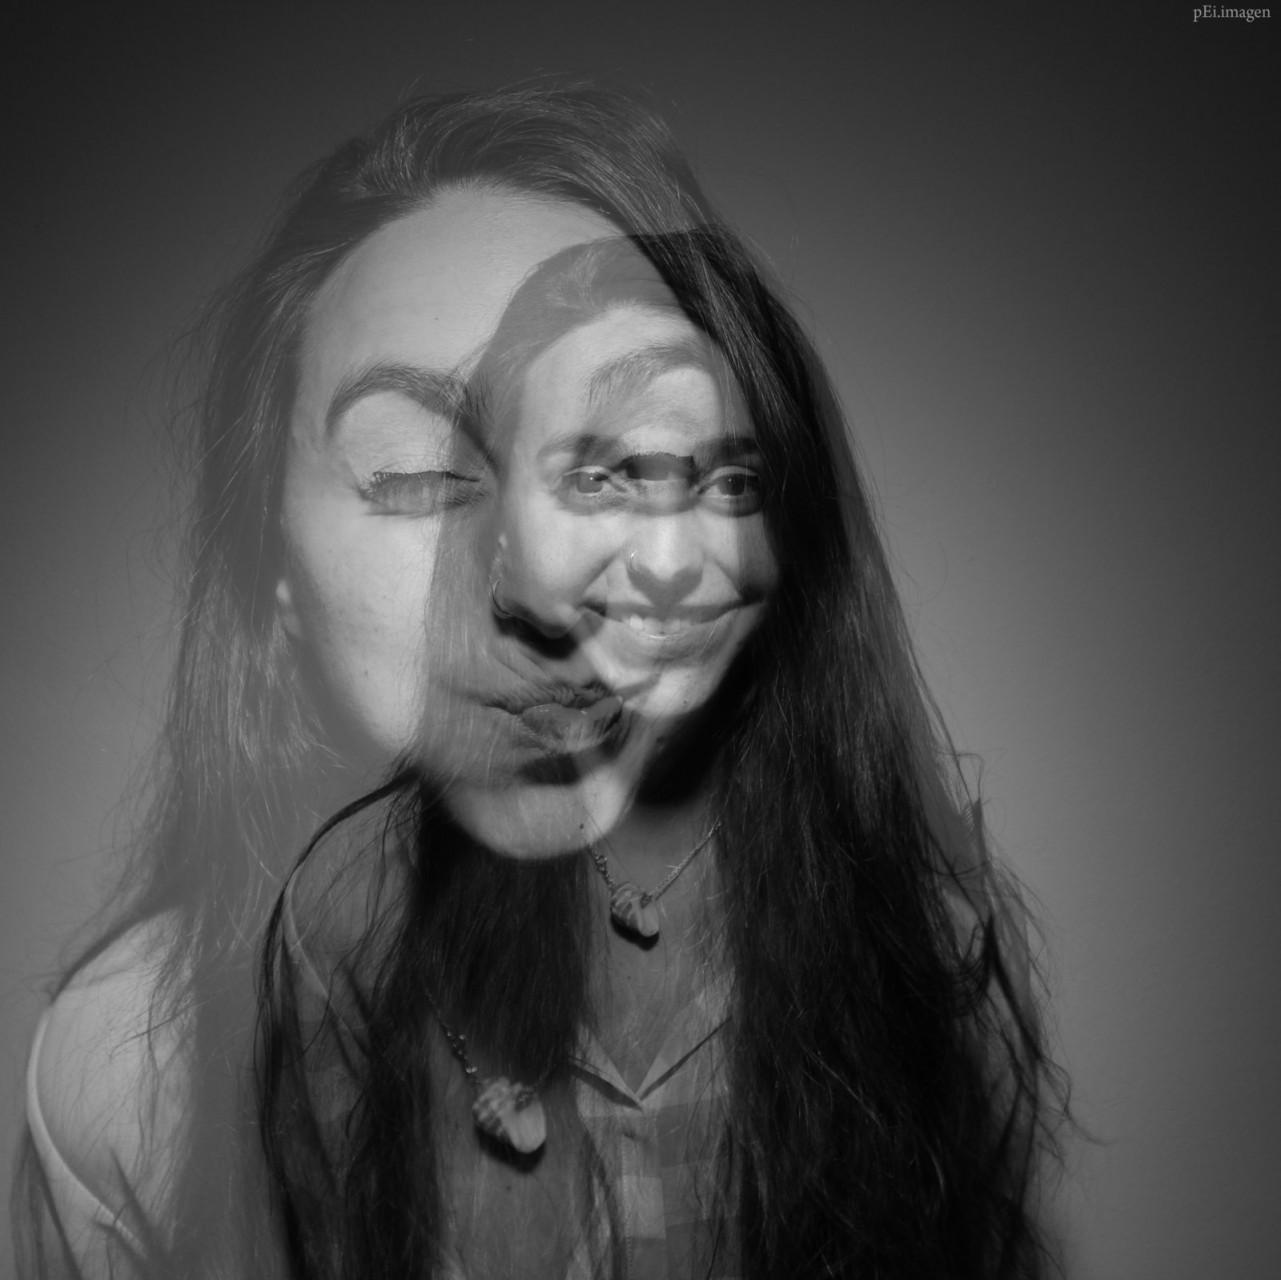 peipegata me myself I proyectos fotografia peipegatafotografia # 030 Aina Zoilo